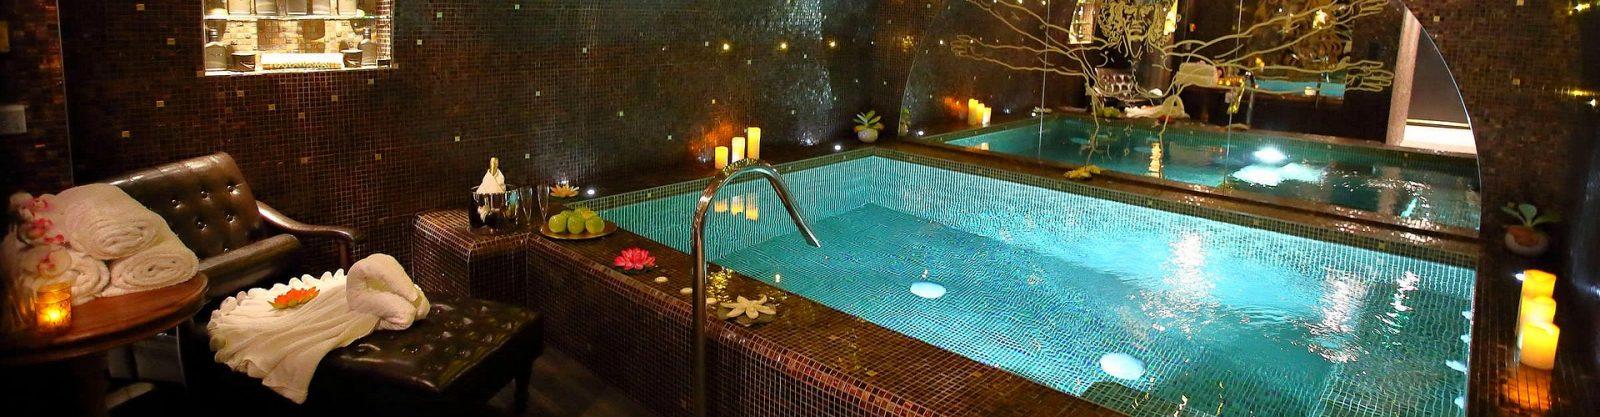 header hotel da vinci & spa privatif paris